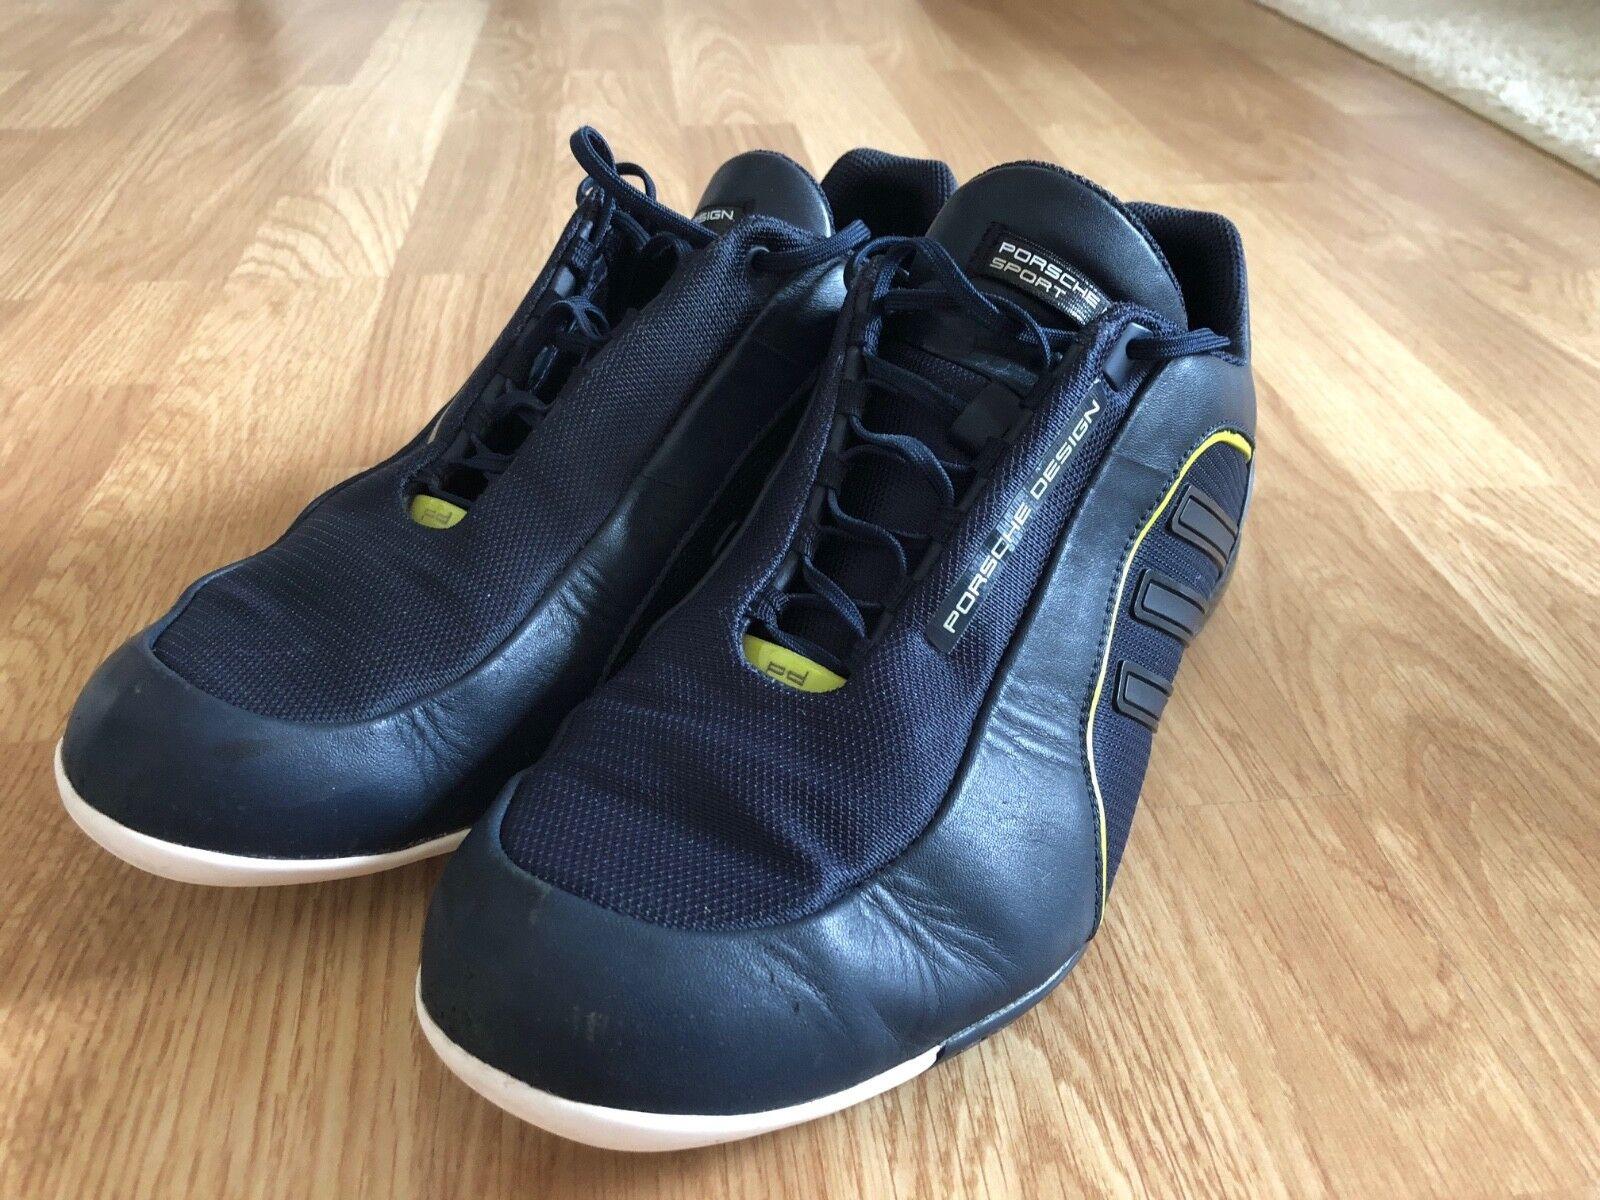 Porsche Design Adidas Schuhe dunkelblau Größe 40,5